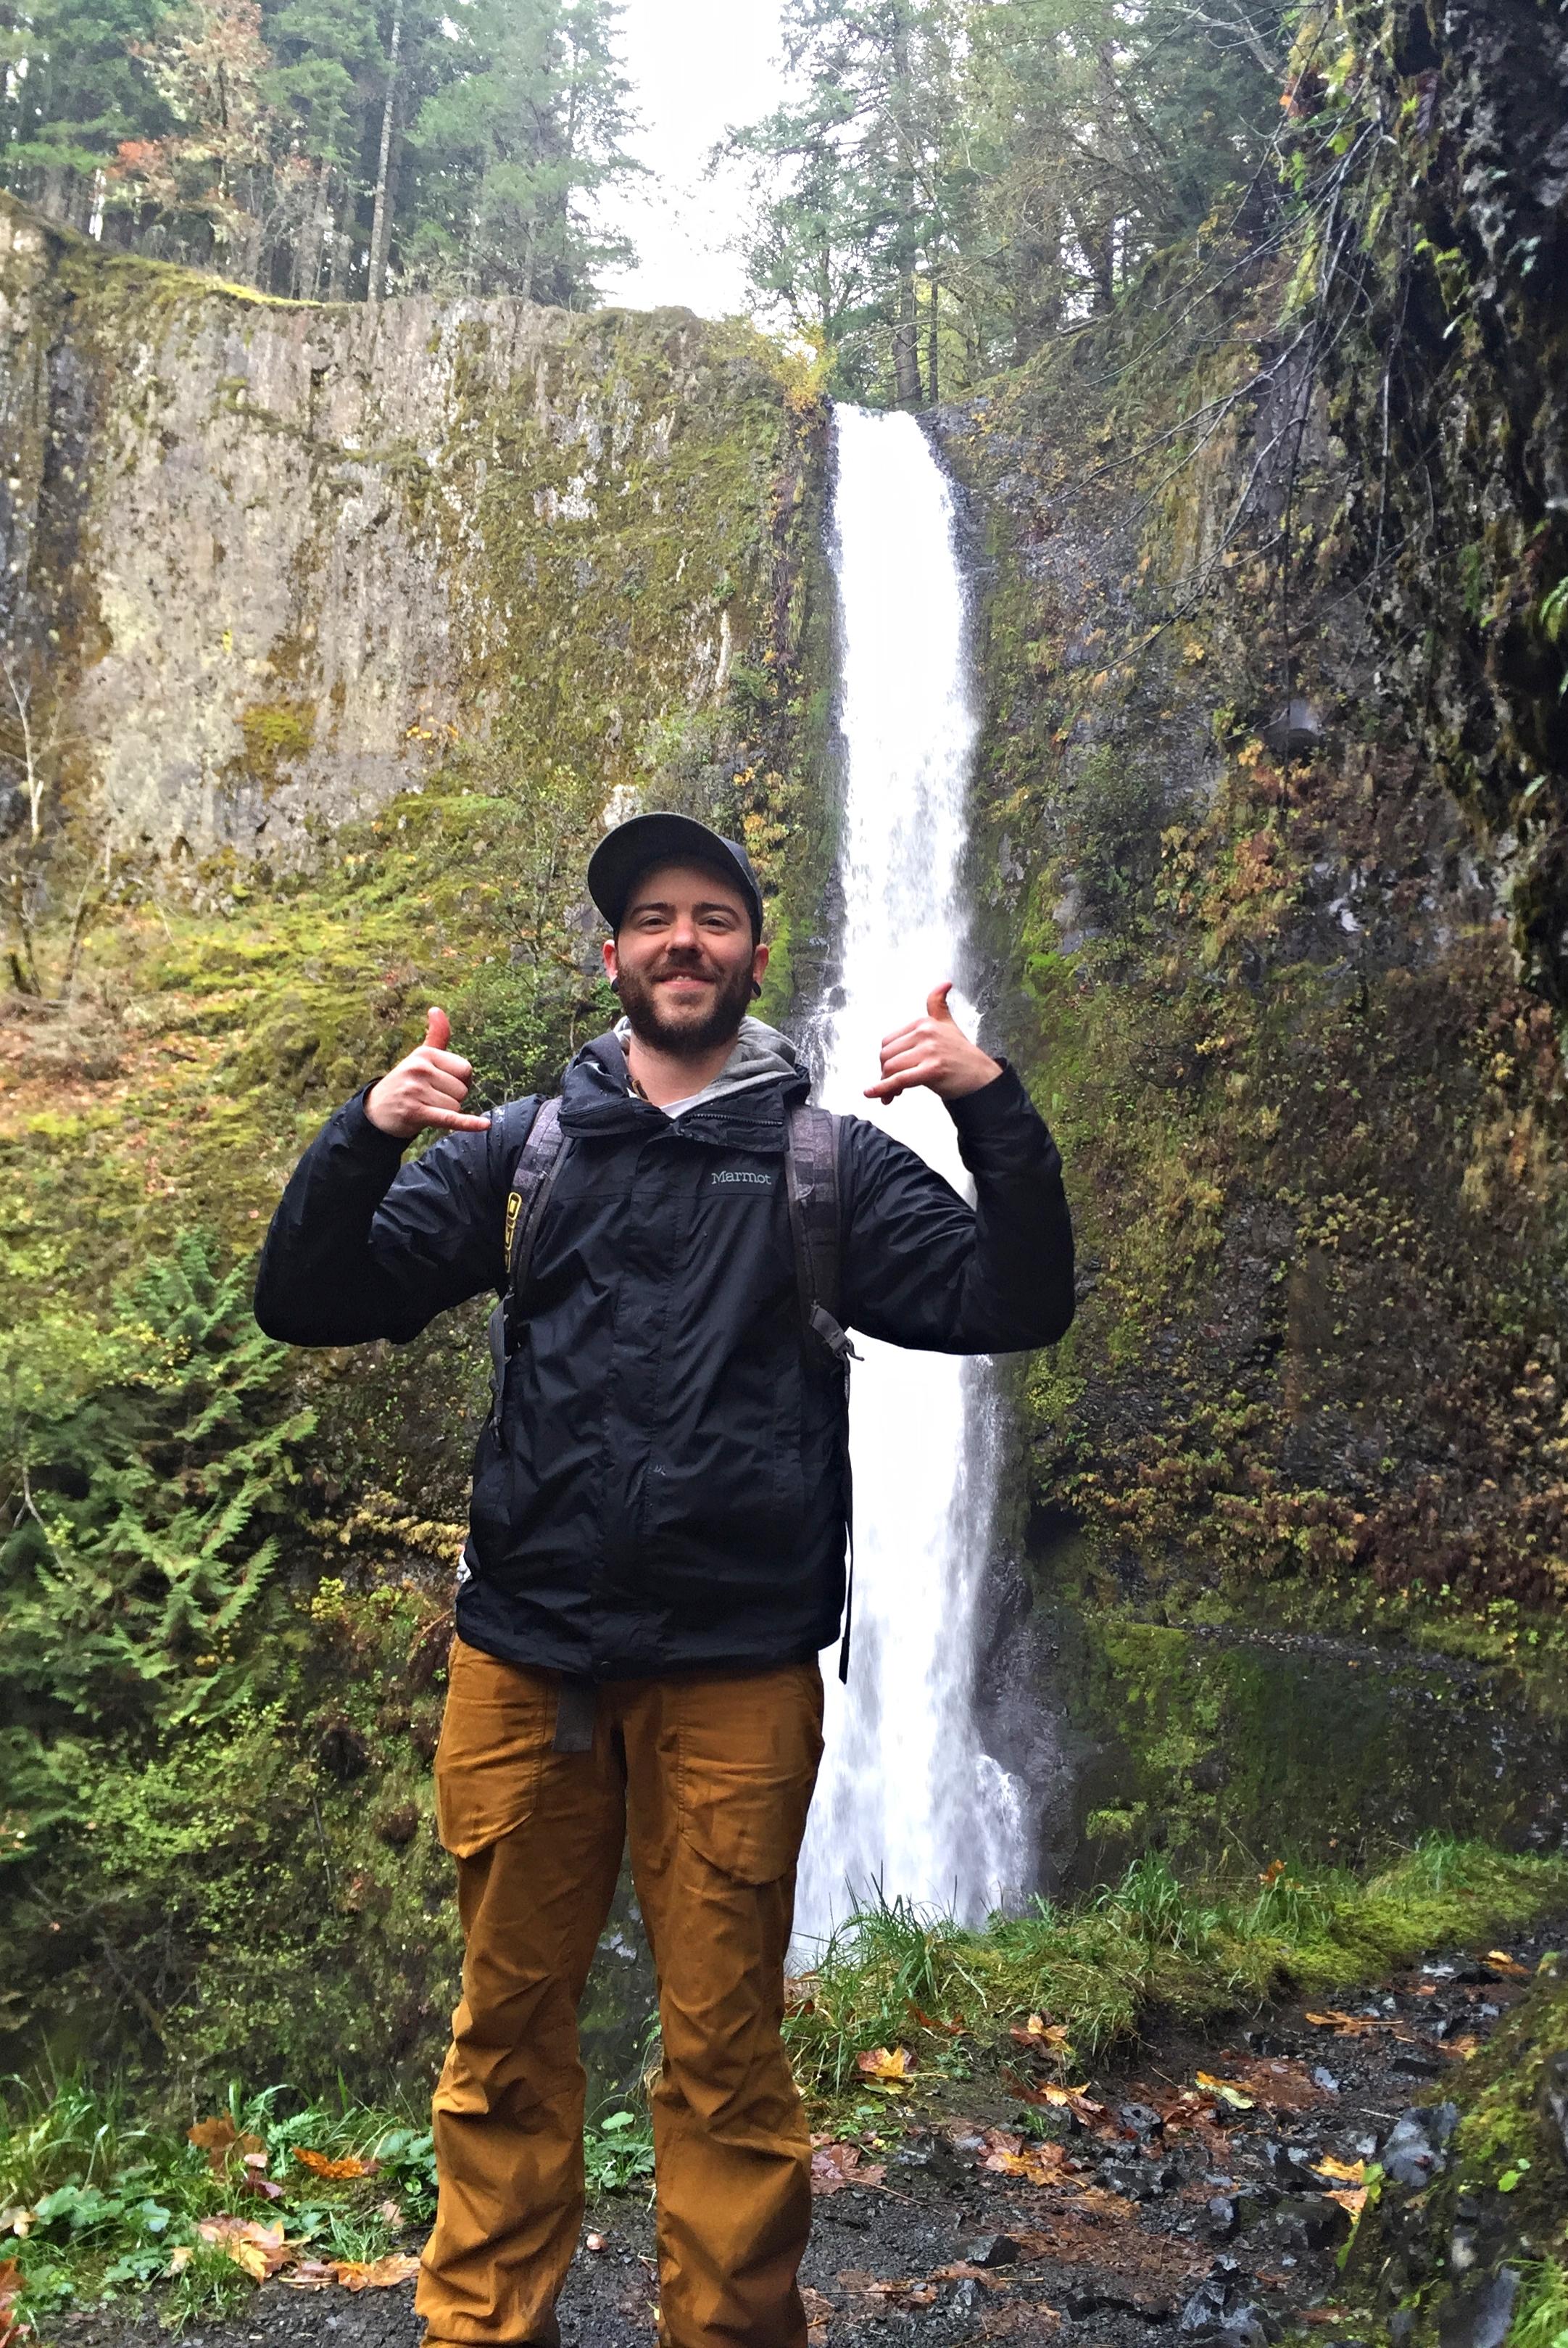 Adam Ingoglia - Westbury, New York - Hiking & Backpacking